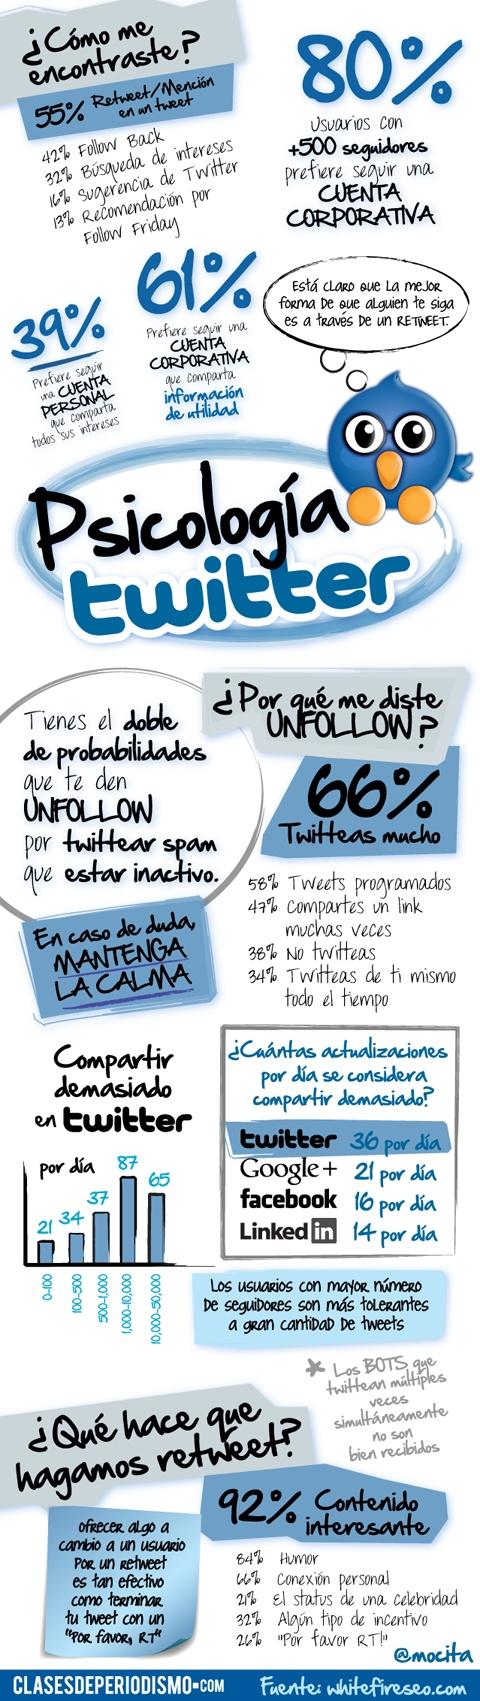 Psicología de #Twitter: ¿por qué te hacen unfollow? ¿por qué te retweetean?